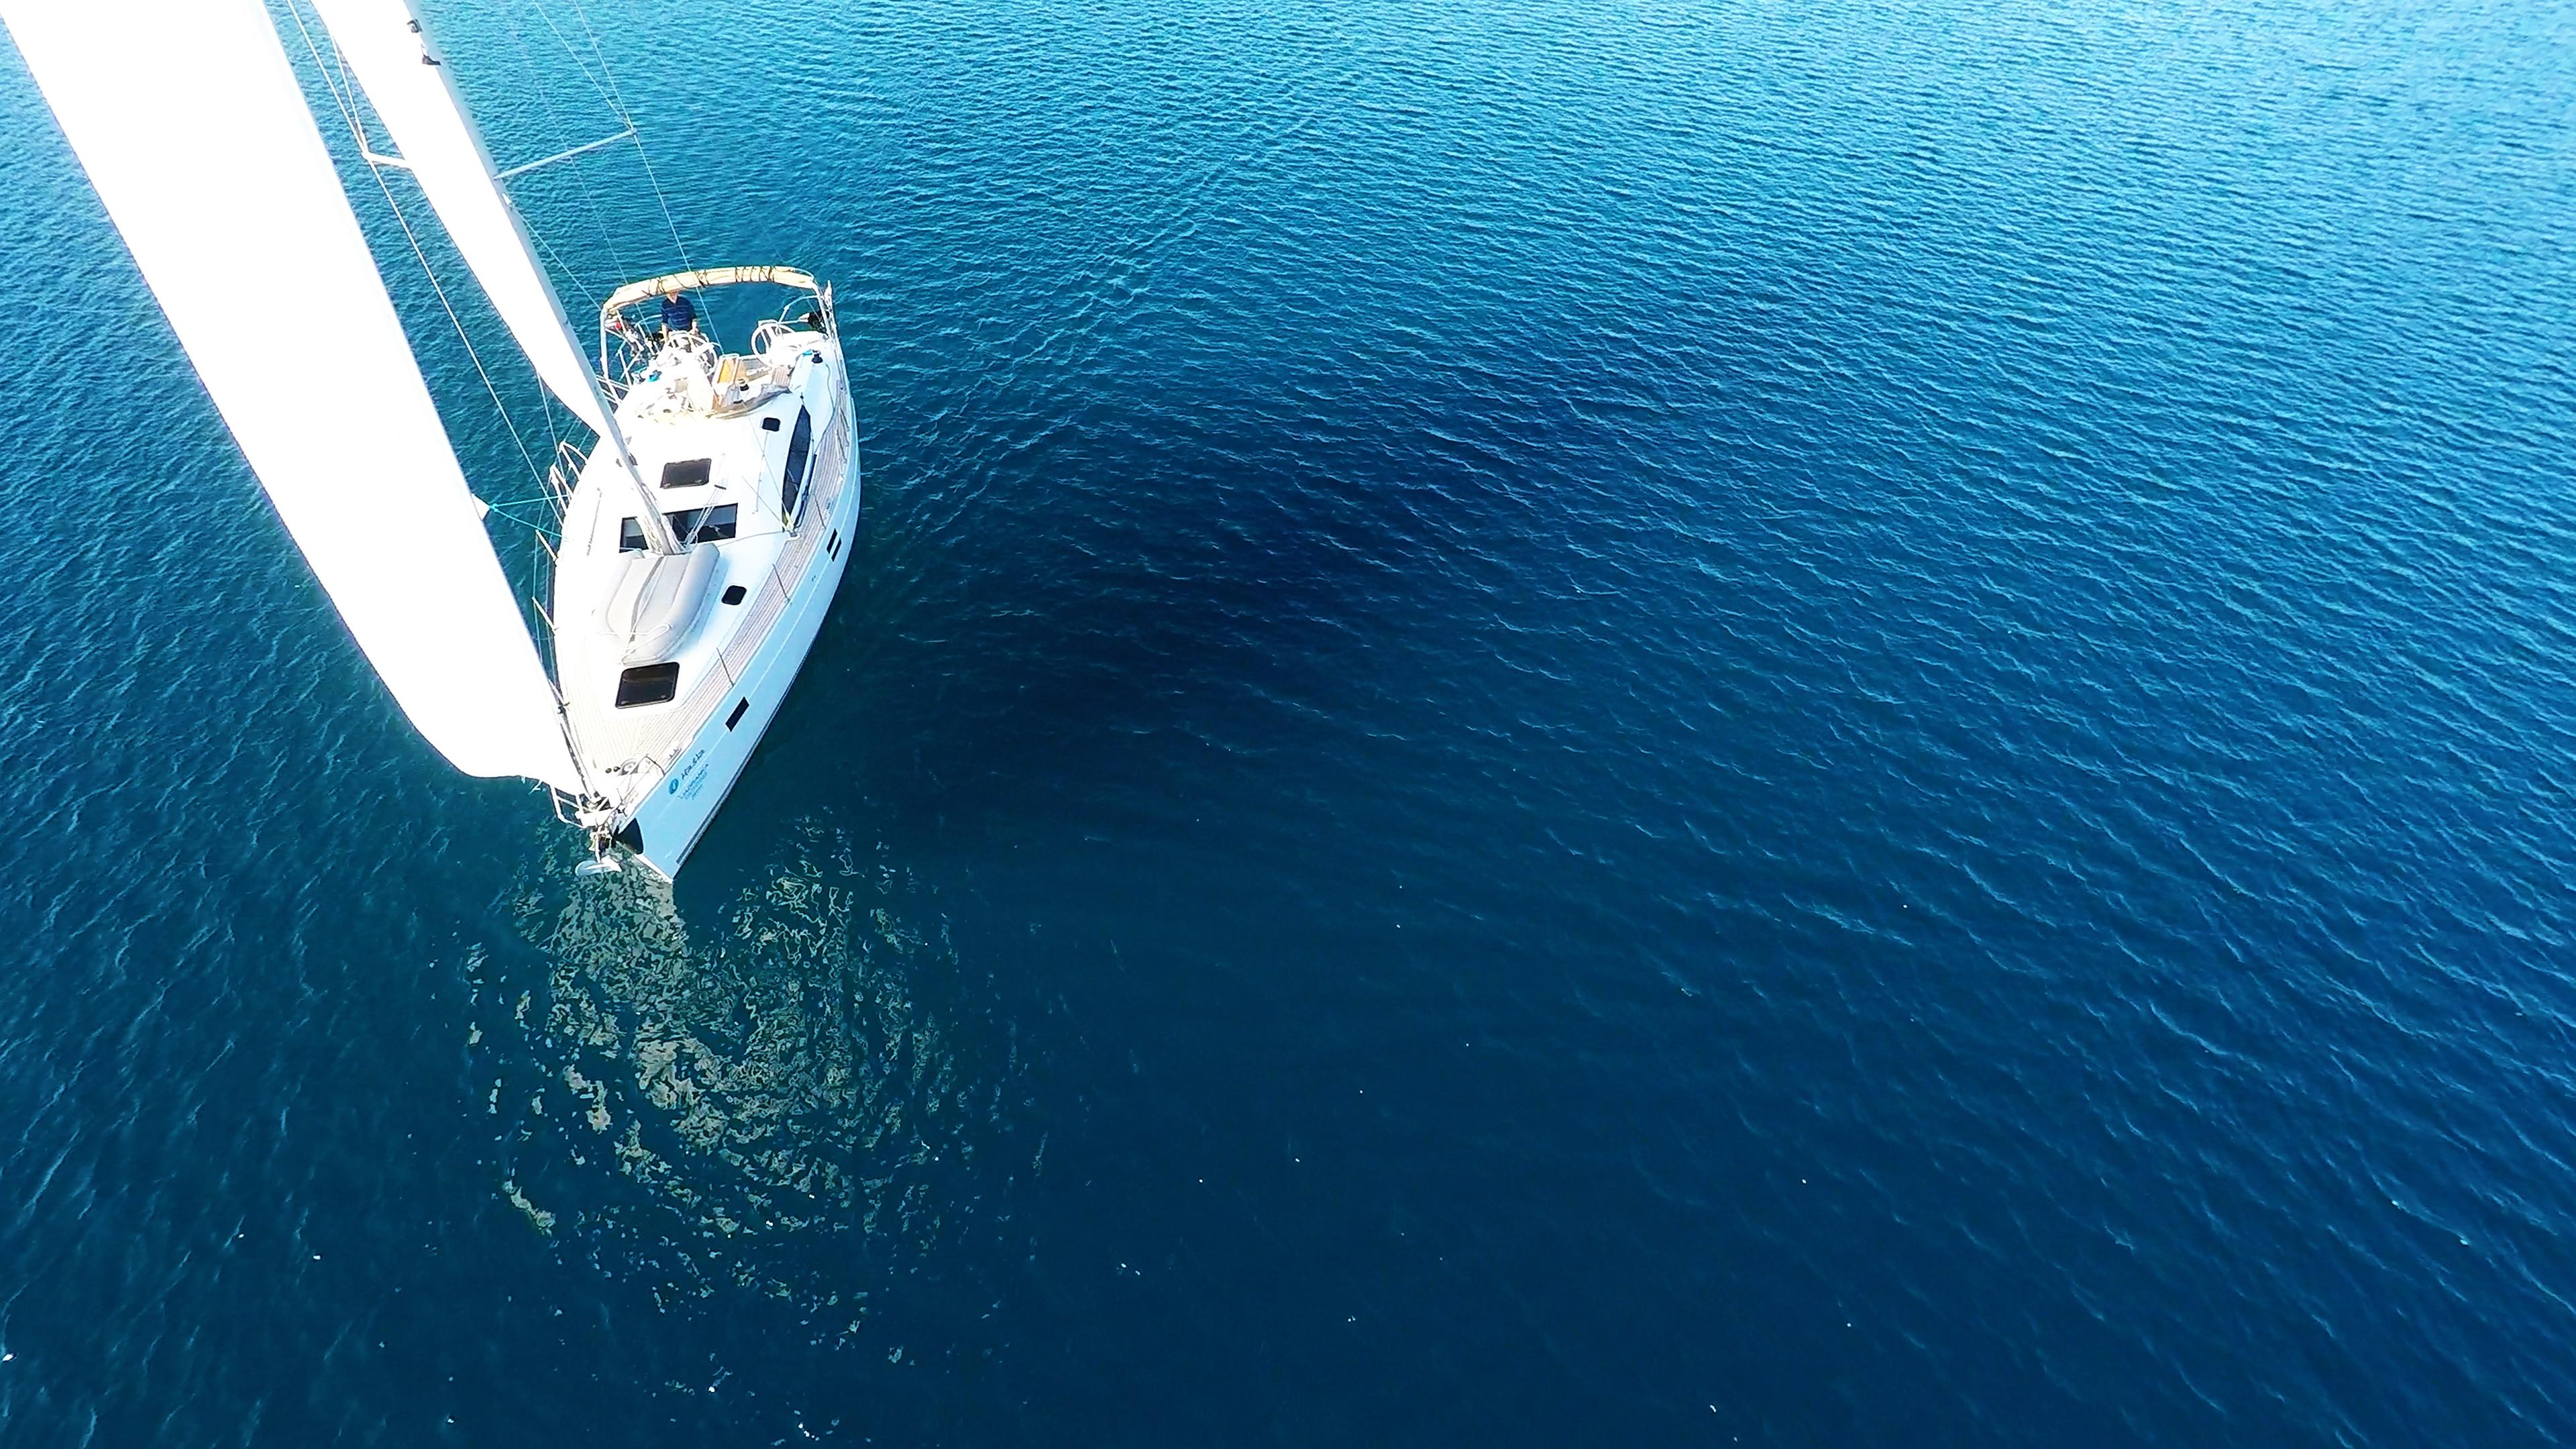 barcha a vela barca a vela genova vela bianca yacht a vela mare blu